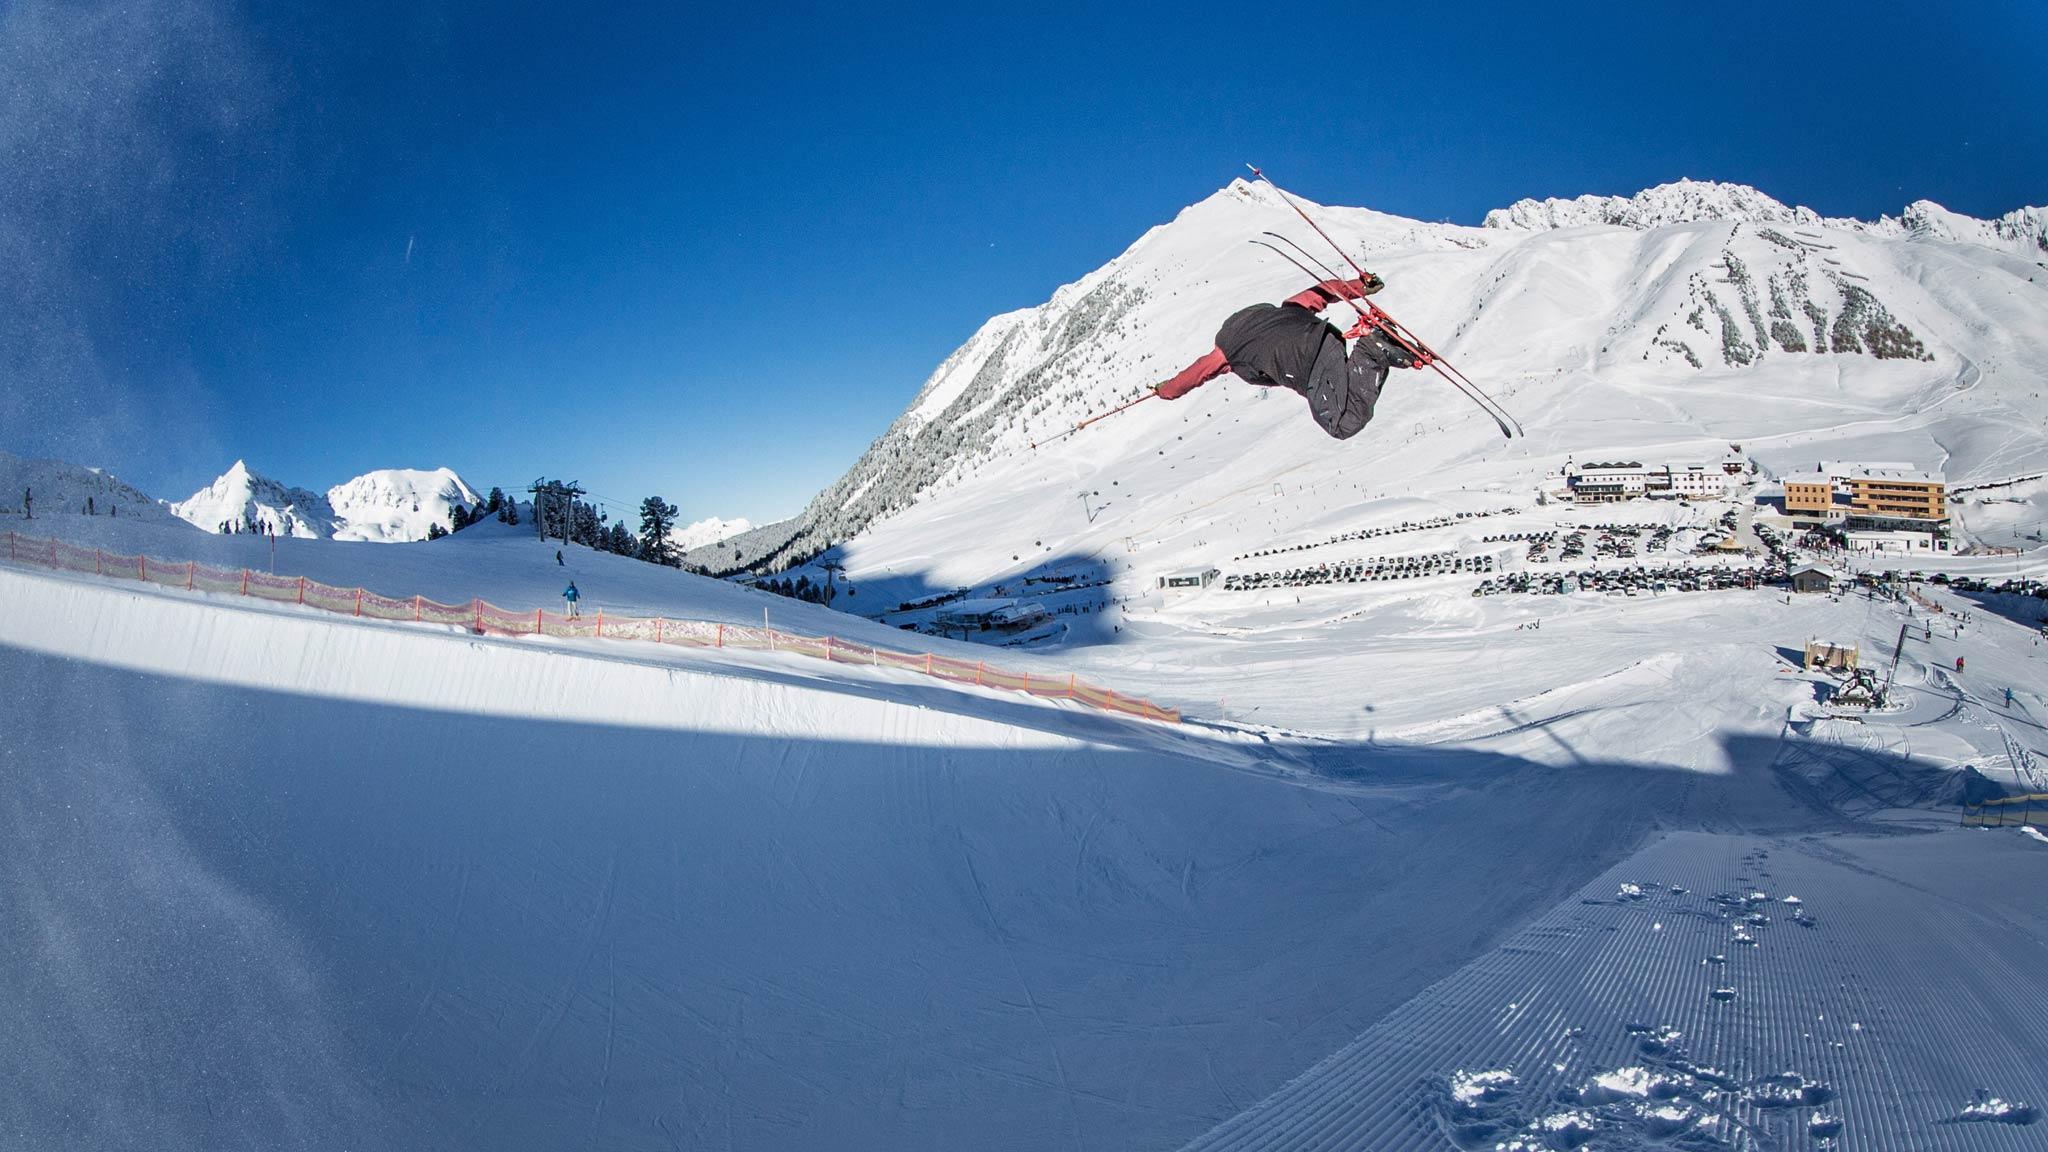 Neben einer guten Erreichbarkeit von Innsbruck aus, punktet das Skigebiet Kühtai mit einem großen Freestyle-Angebot, kostenlosen Parkplätzen und vielen weiteren Highlights. - Foto: © GOT IT!/Joe Mann